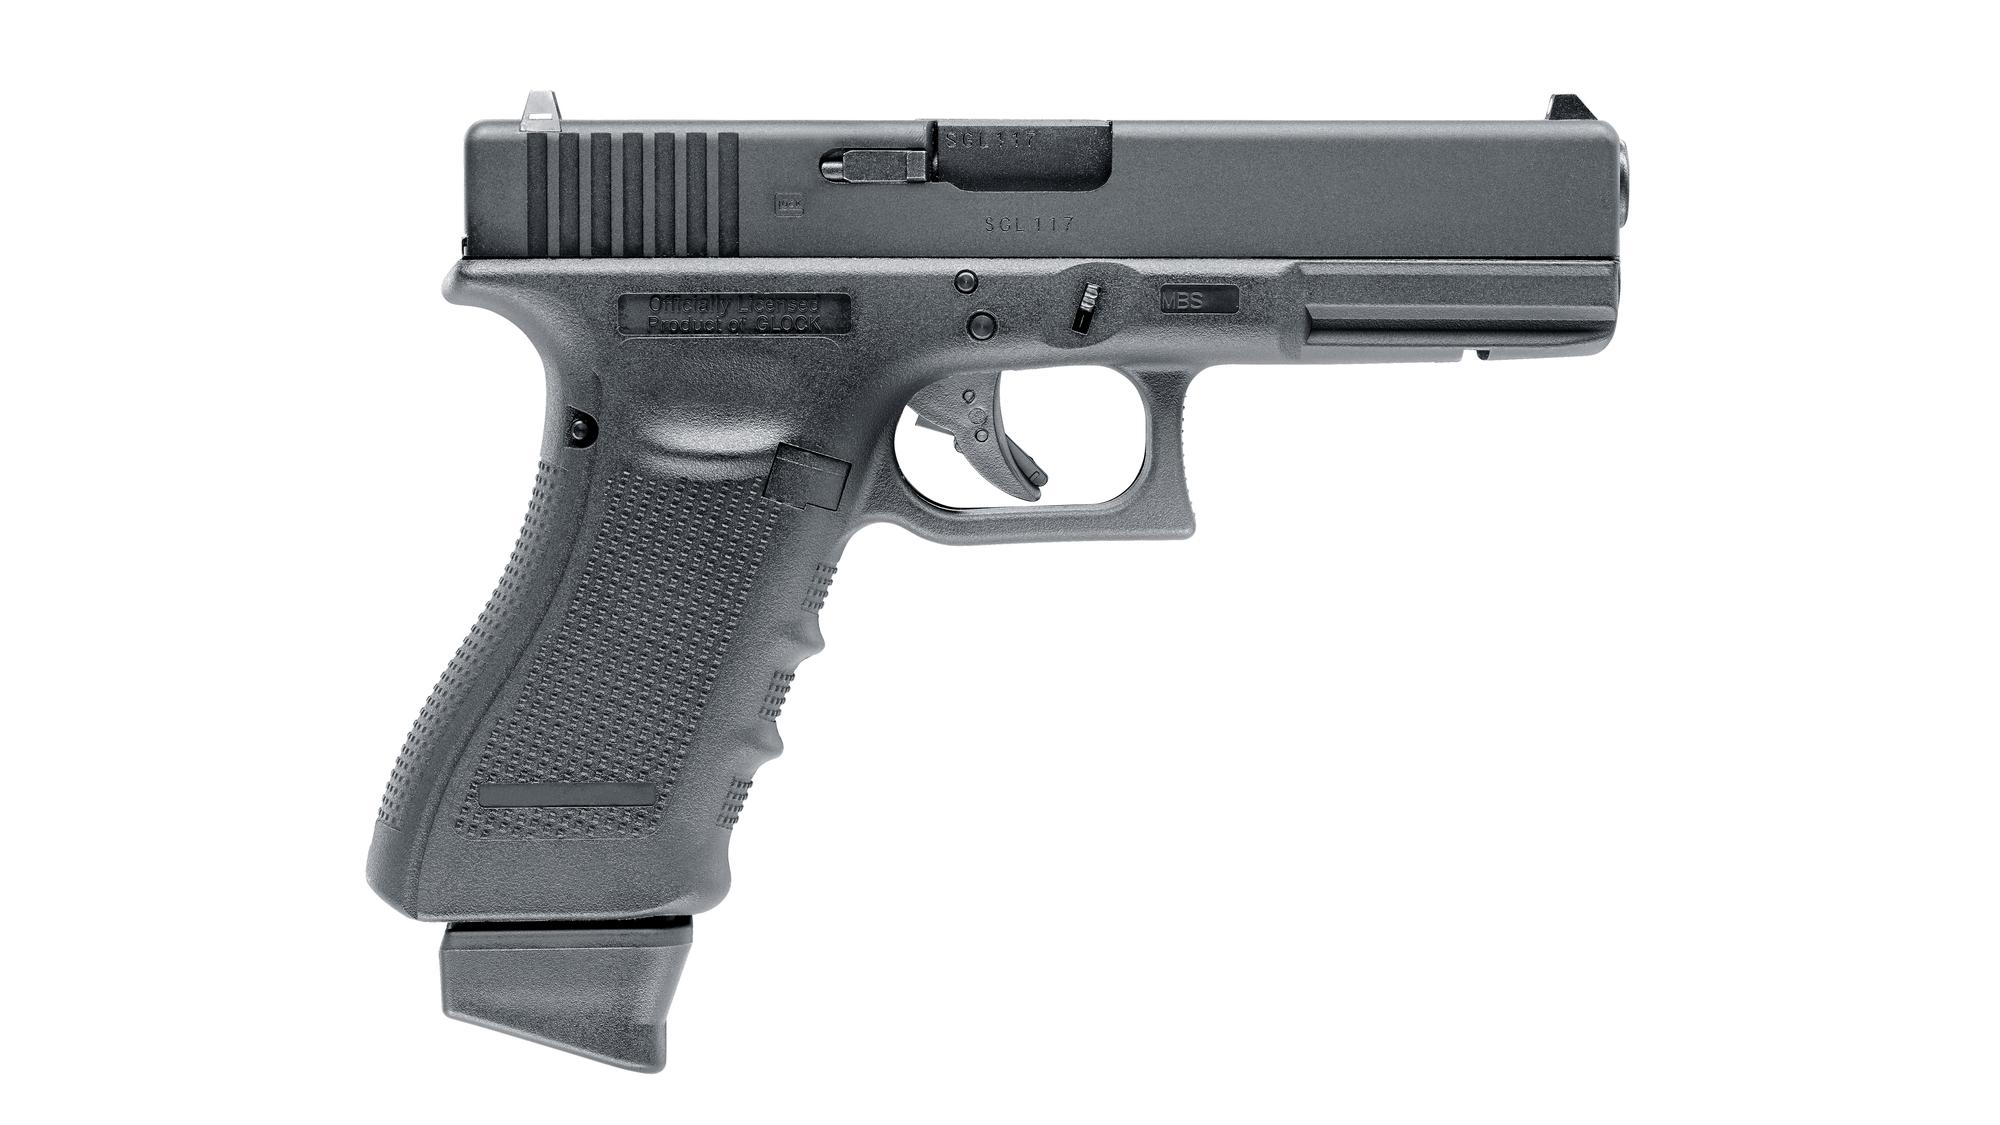 Glock 17 Gen 4 Airsoftpistole 6mm